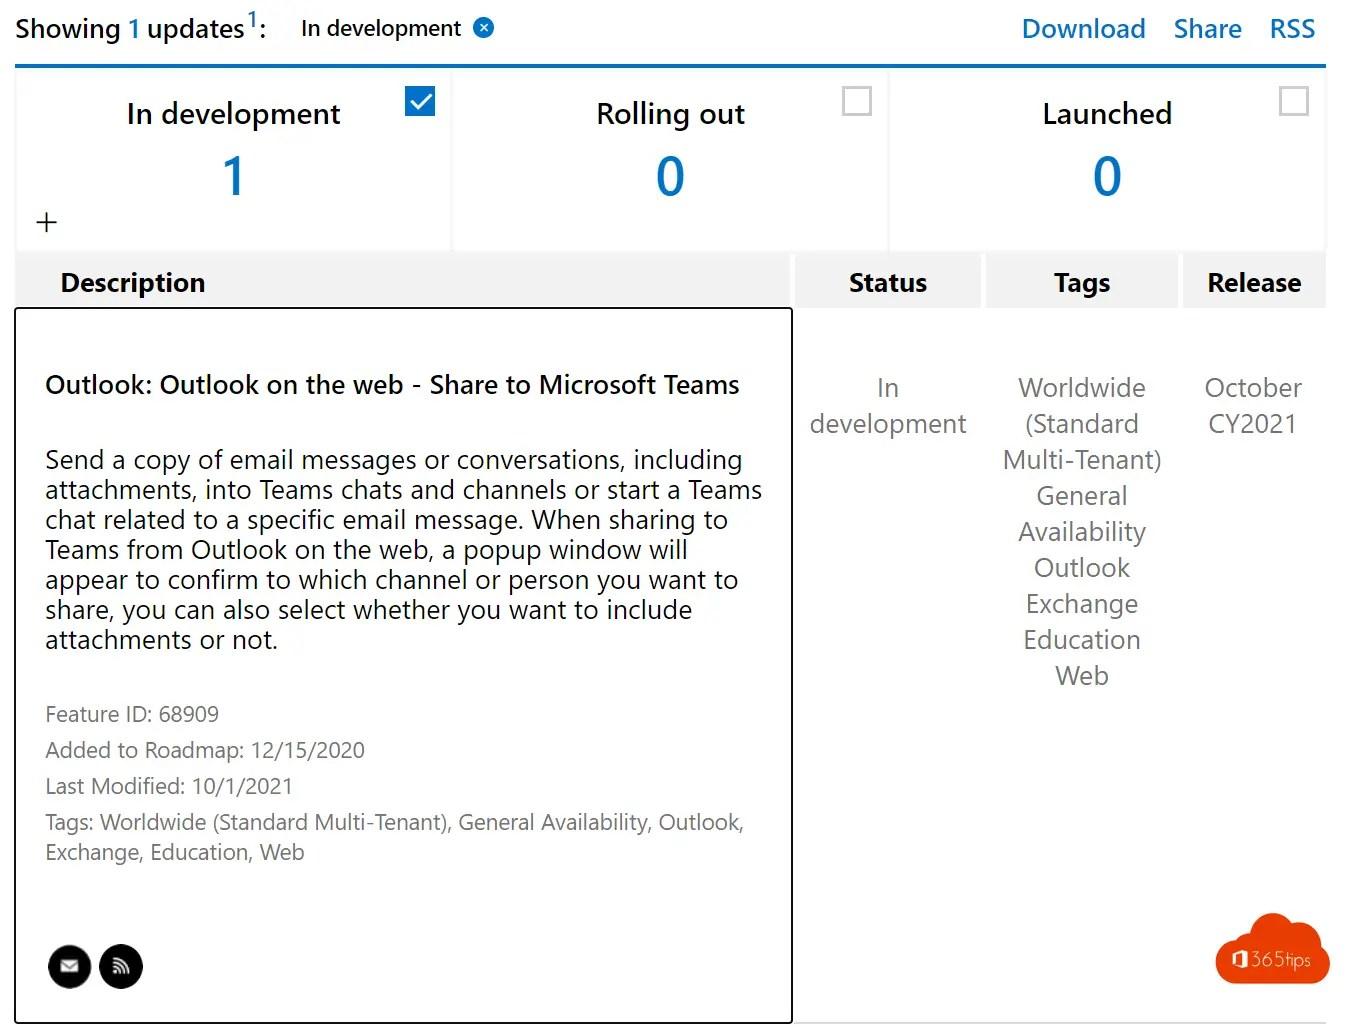 Je kunt binnenkort Outlook e-mails delen in Microsoft Teams – Roadmap